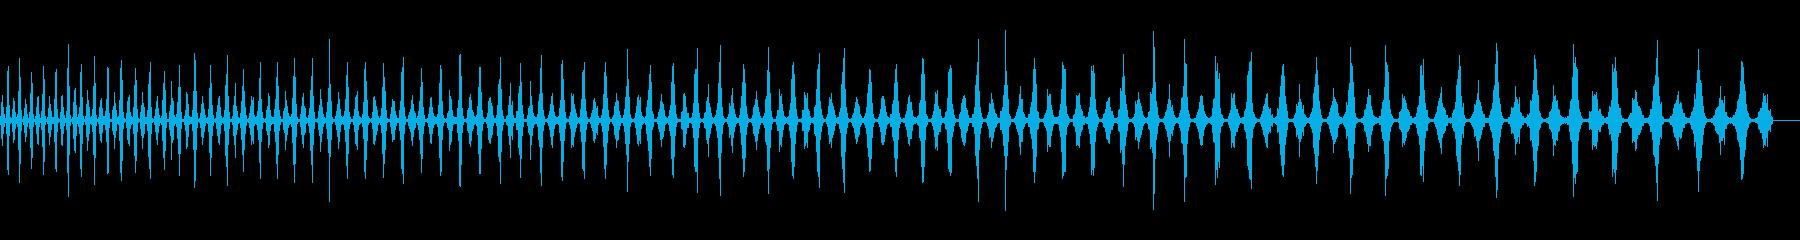 トーン宇宙船降順wavの再生済みの波形